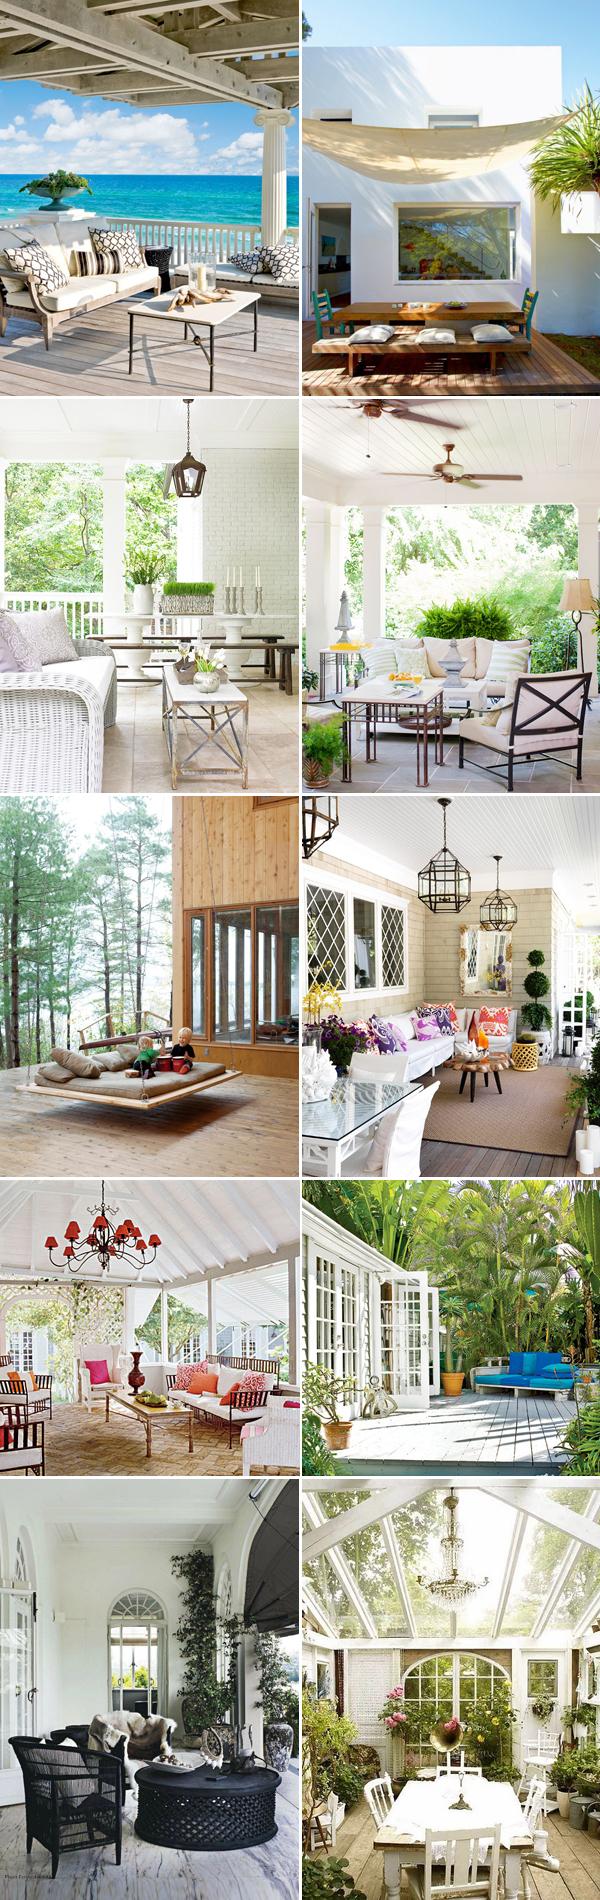 outdoor-space02-spacious